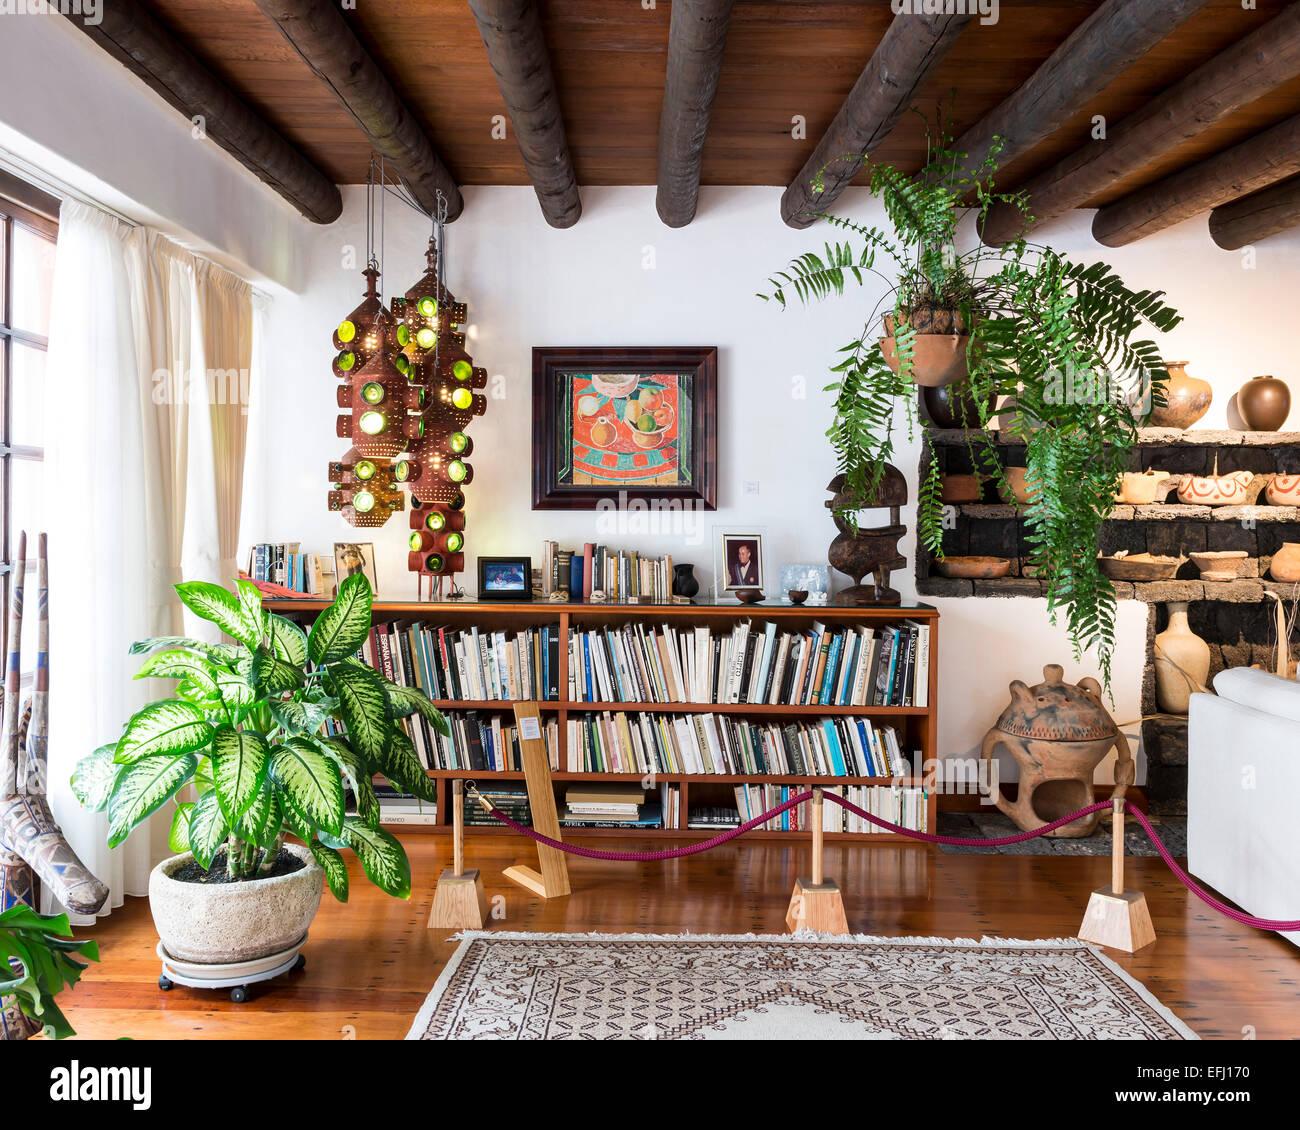 Casa museo c sar manrique lanzarote spain architect - Casa museo cesar manrique ...